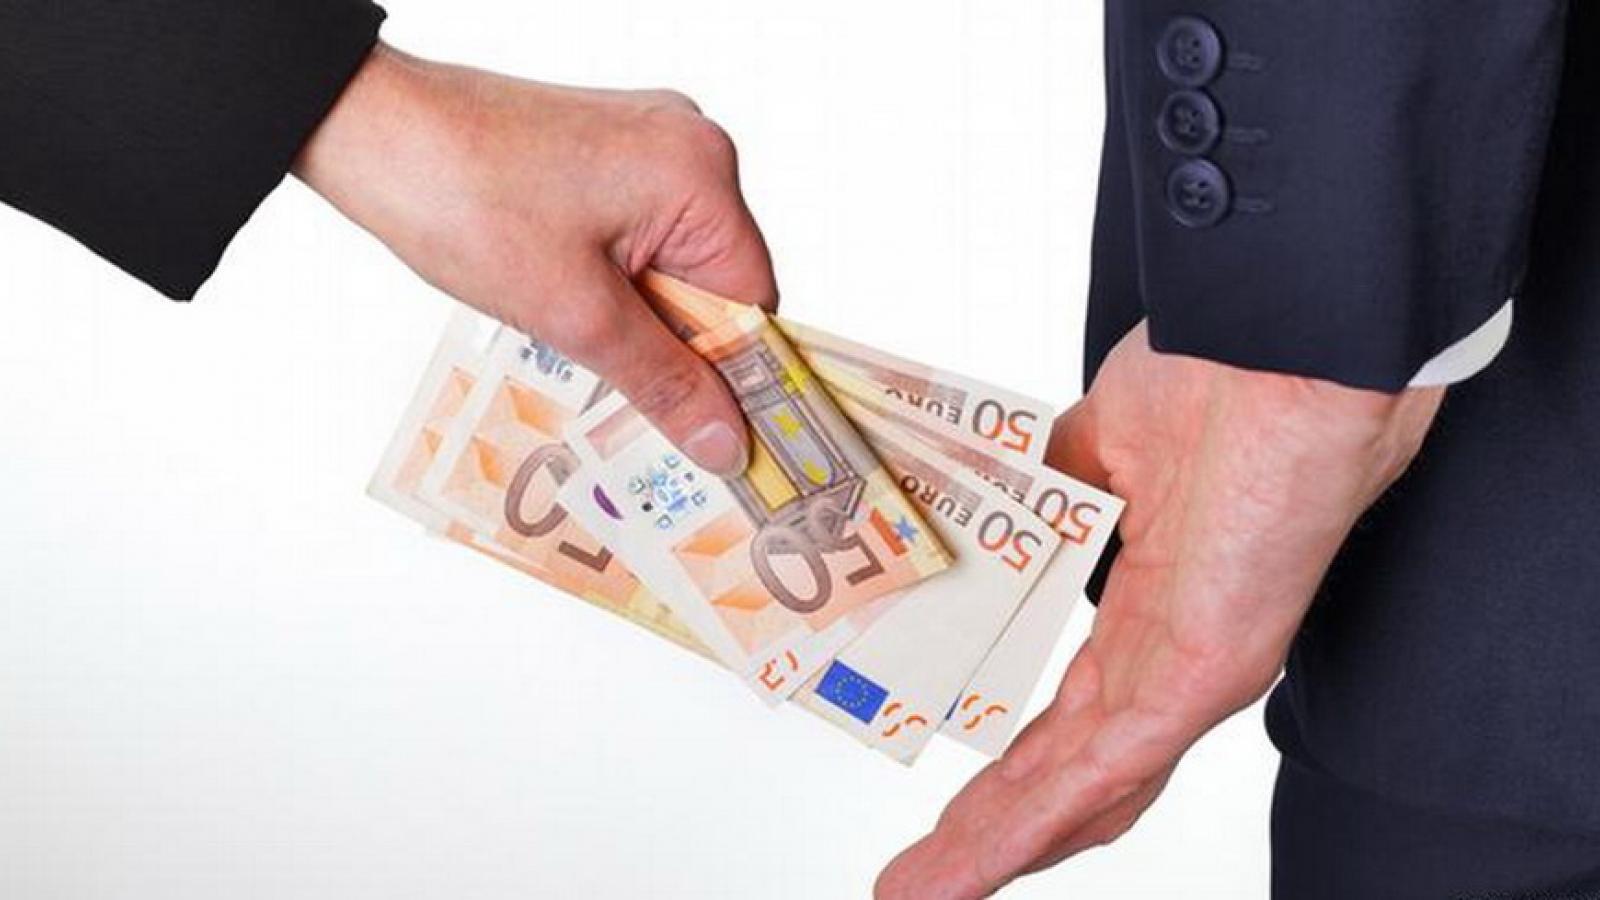 Séc thông qua luật bảo vệ người tố cáo để chống tham nhũng